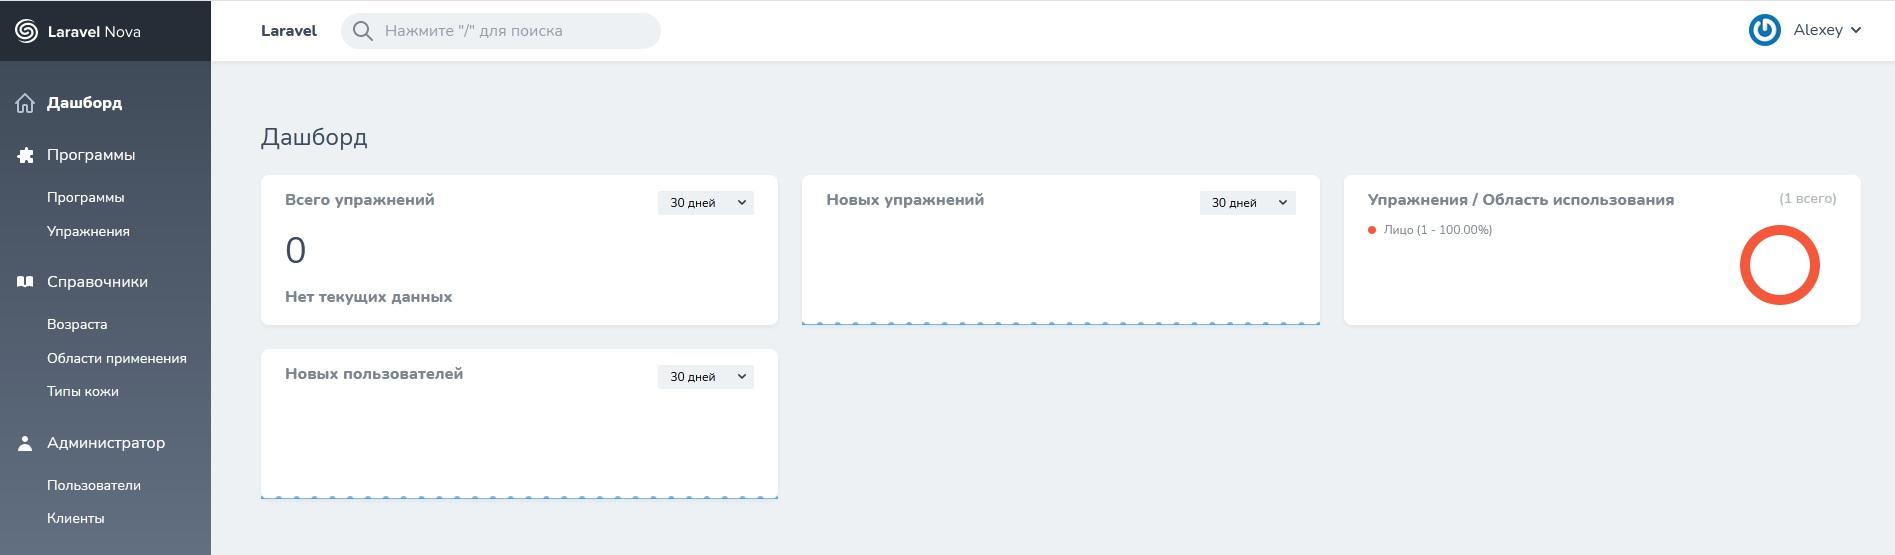 REST API для моб. приложения (Laravel) + админ. часть (Nova)